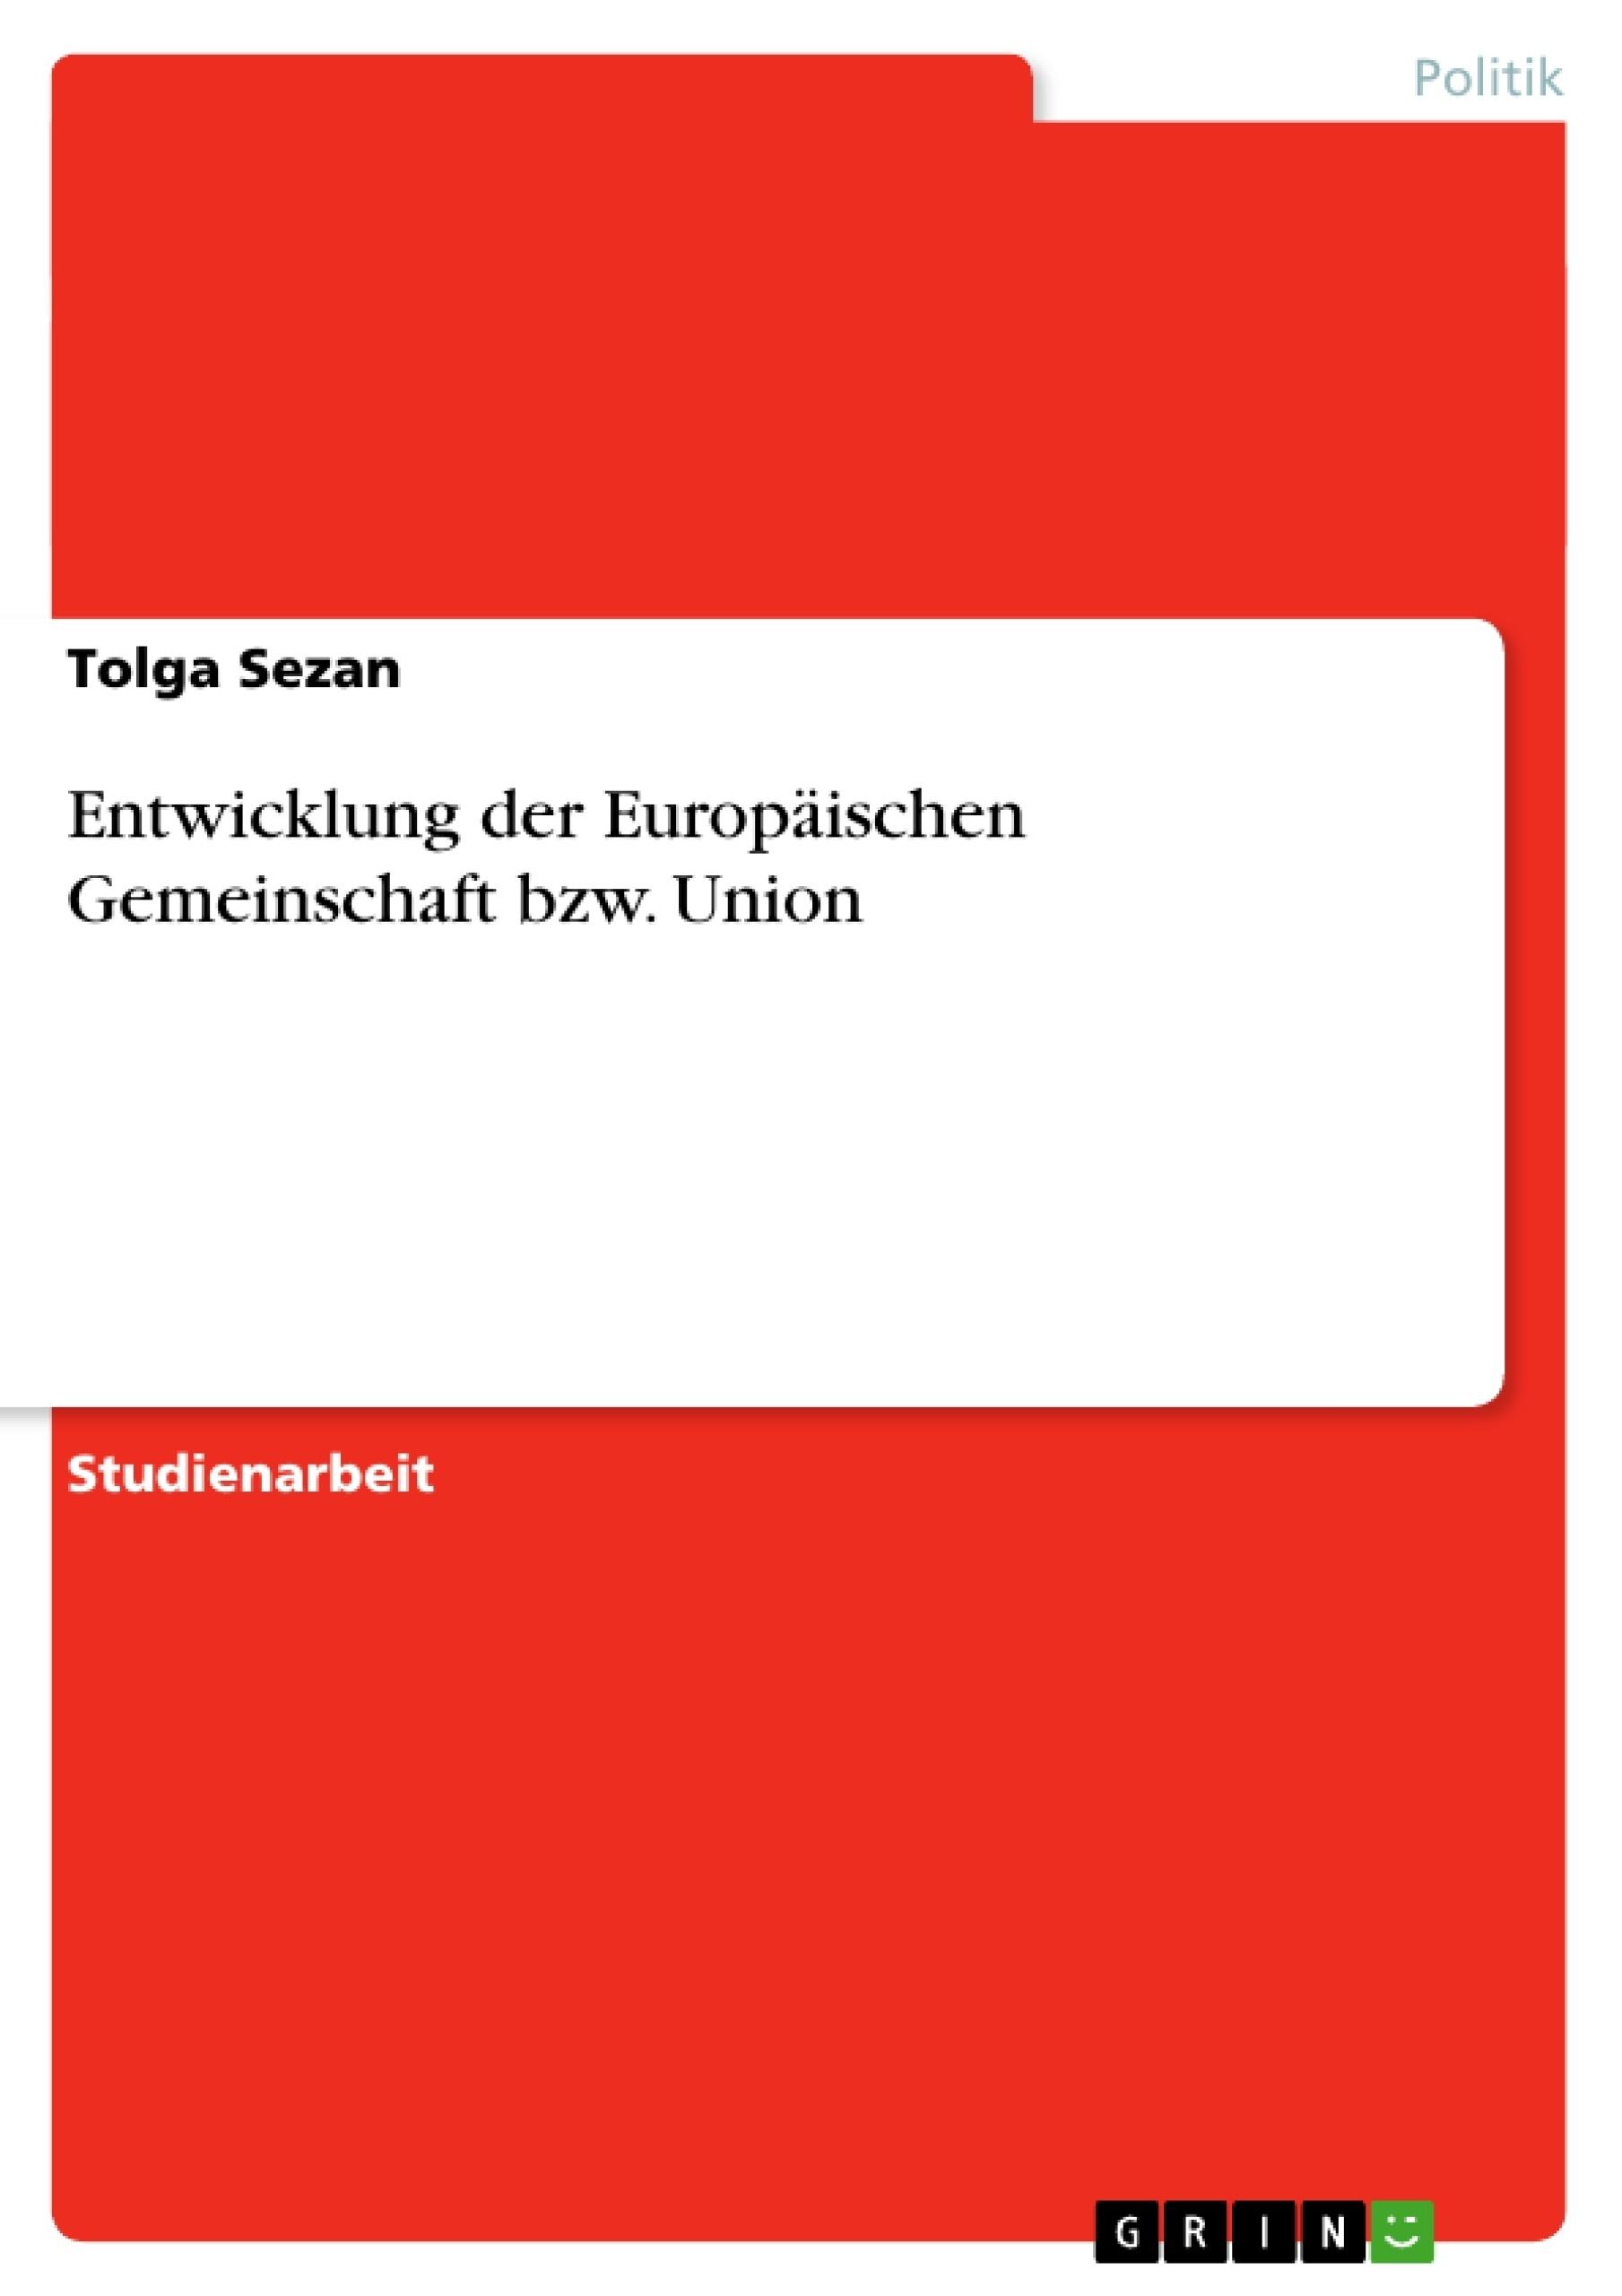 Titel: Entwicklung der Europäischen Gemeinschaft bzw. Union